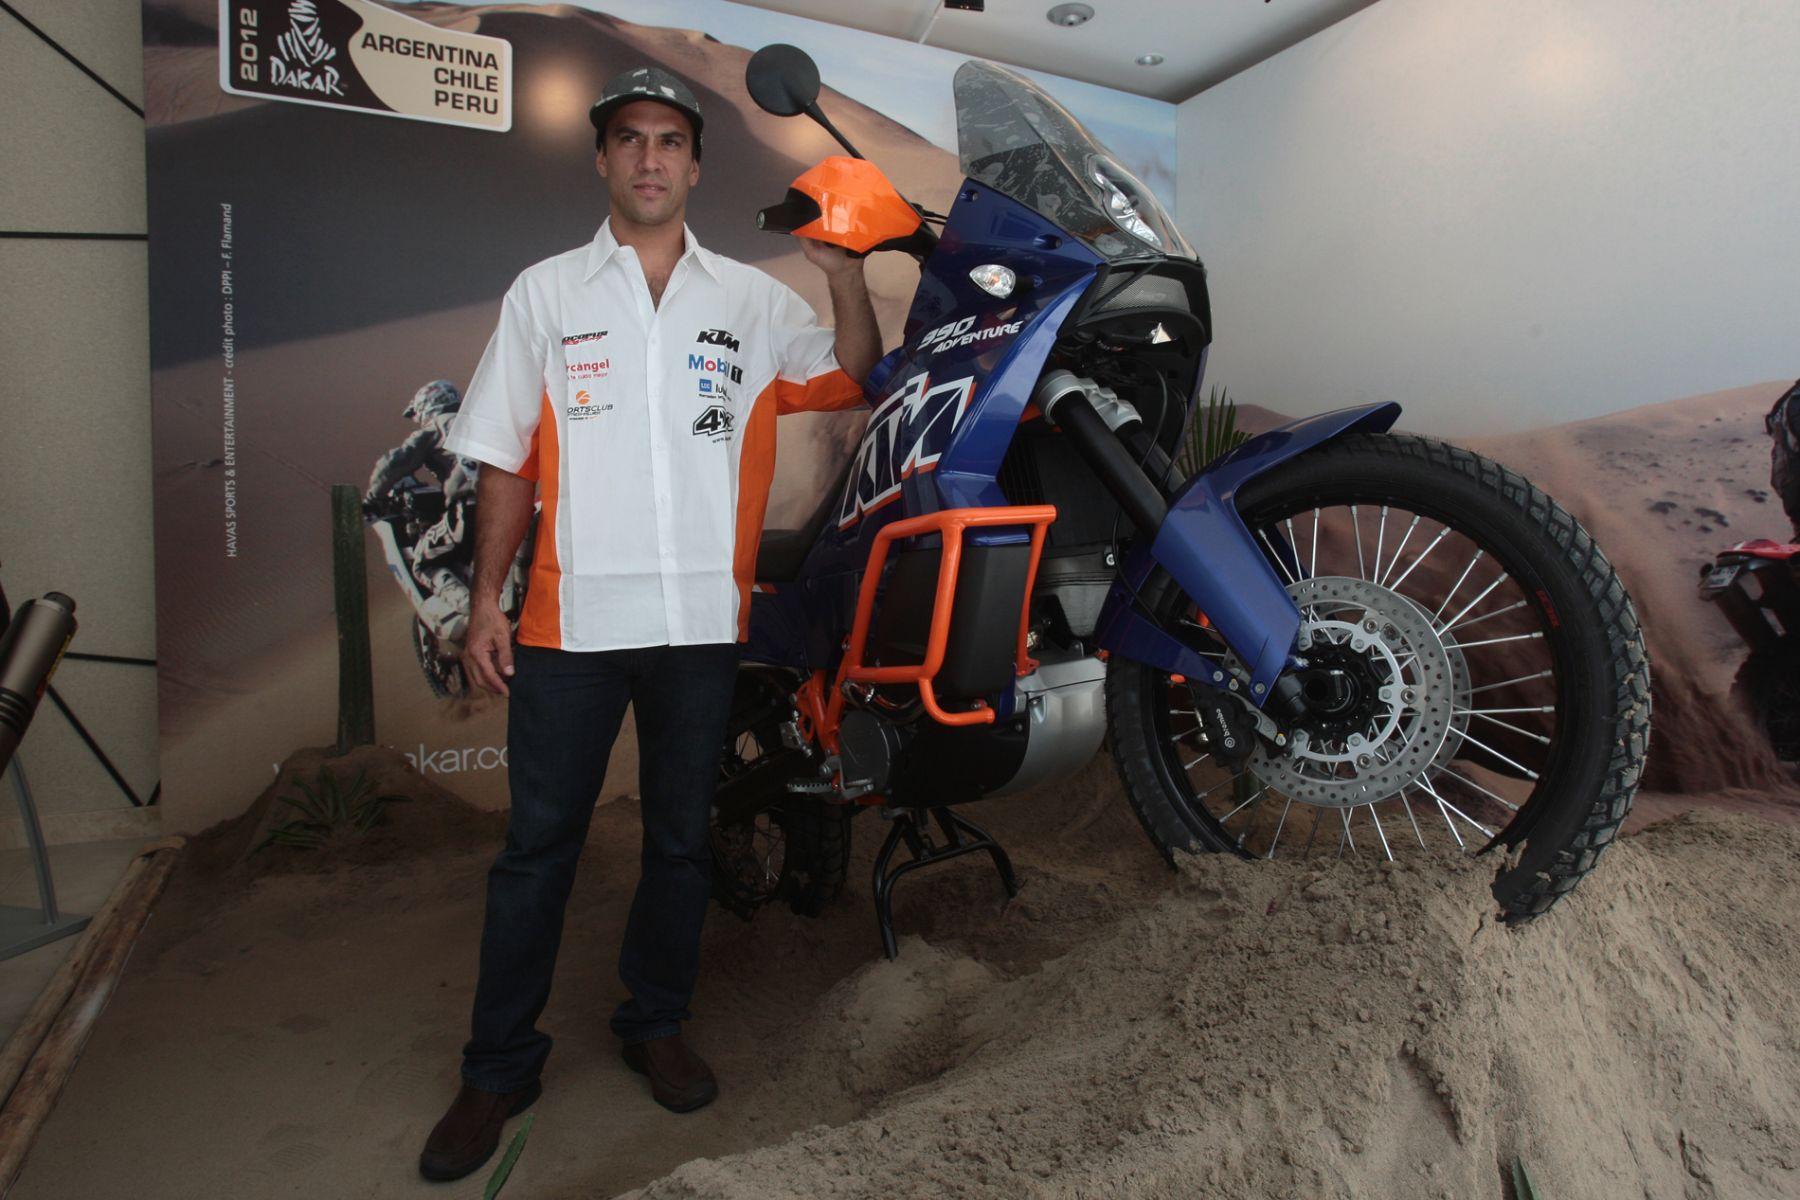 Pilotos Peruanos Cerraron Novena Etapa De Rally Dakar En